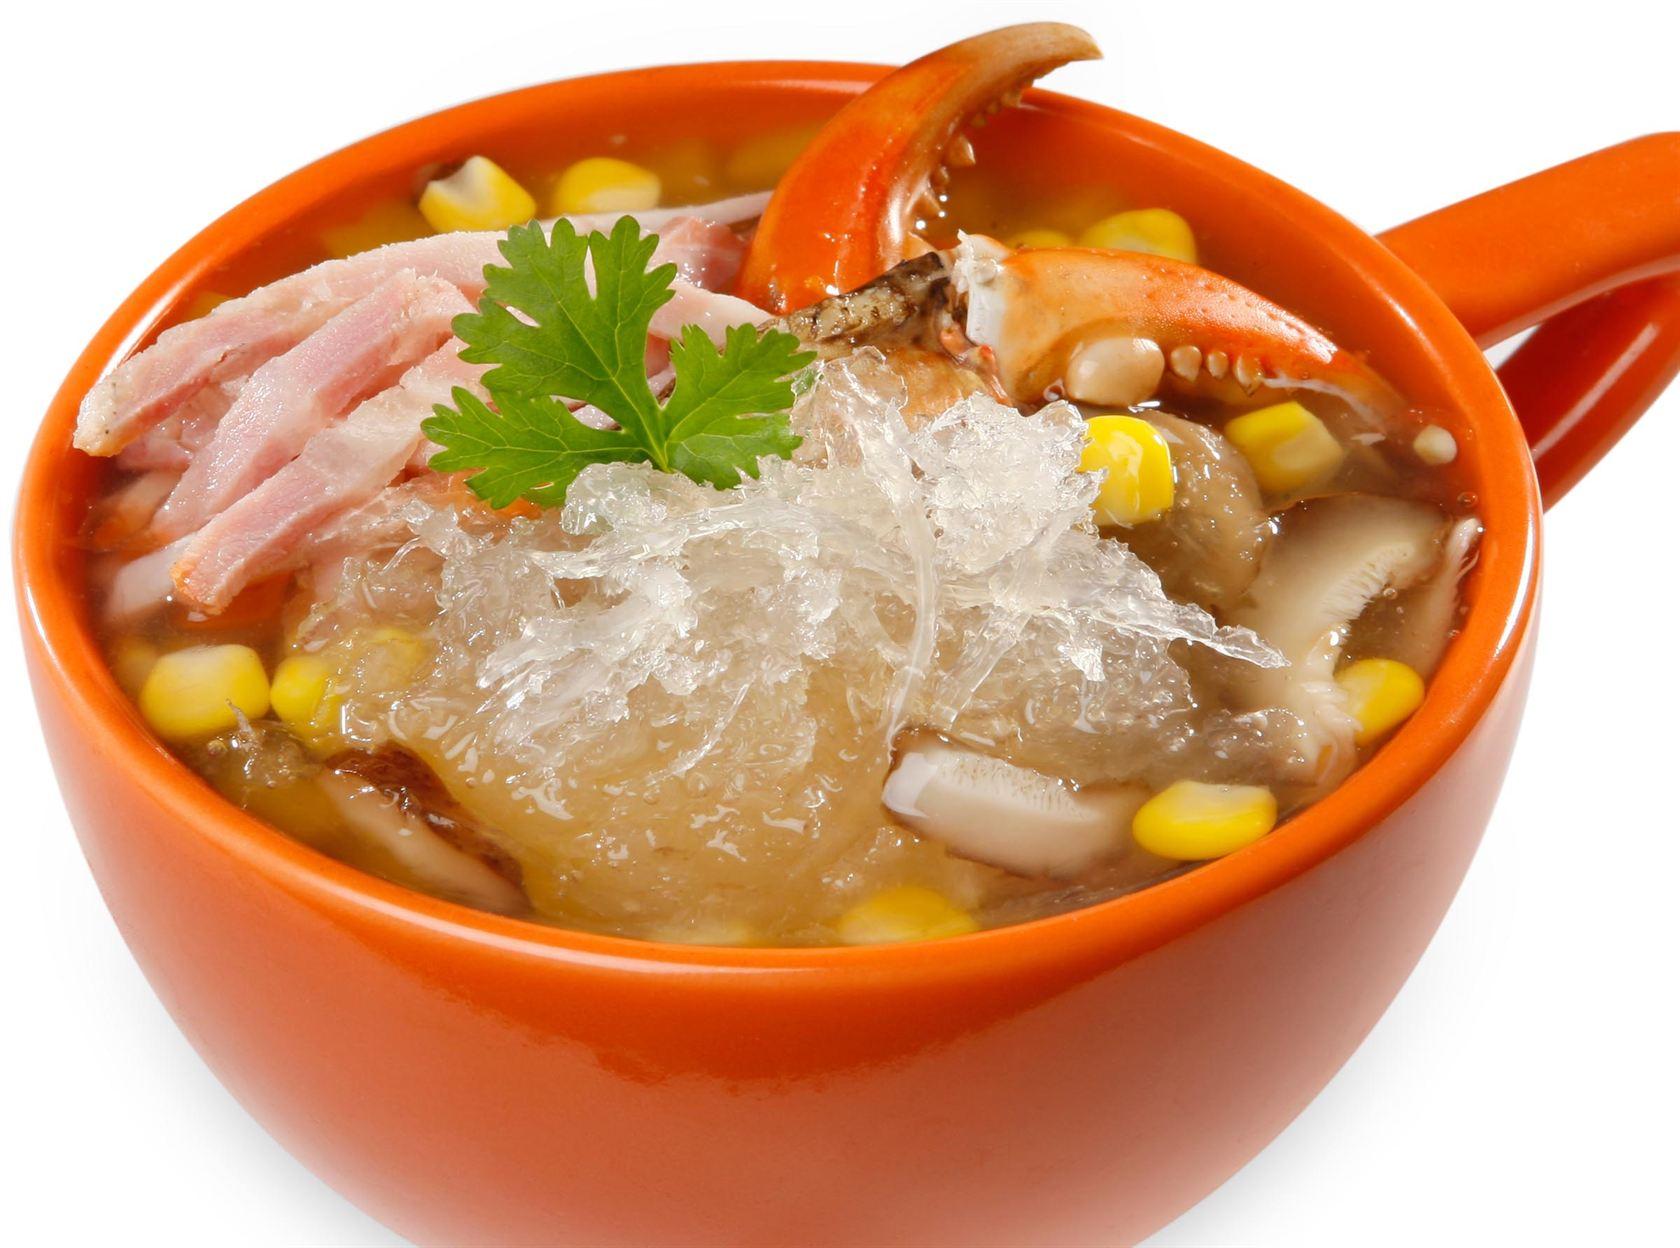 Món súp tổ yến, thịt cua cũng như bí đỏ